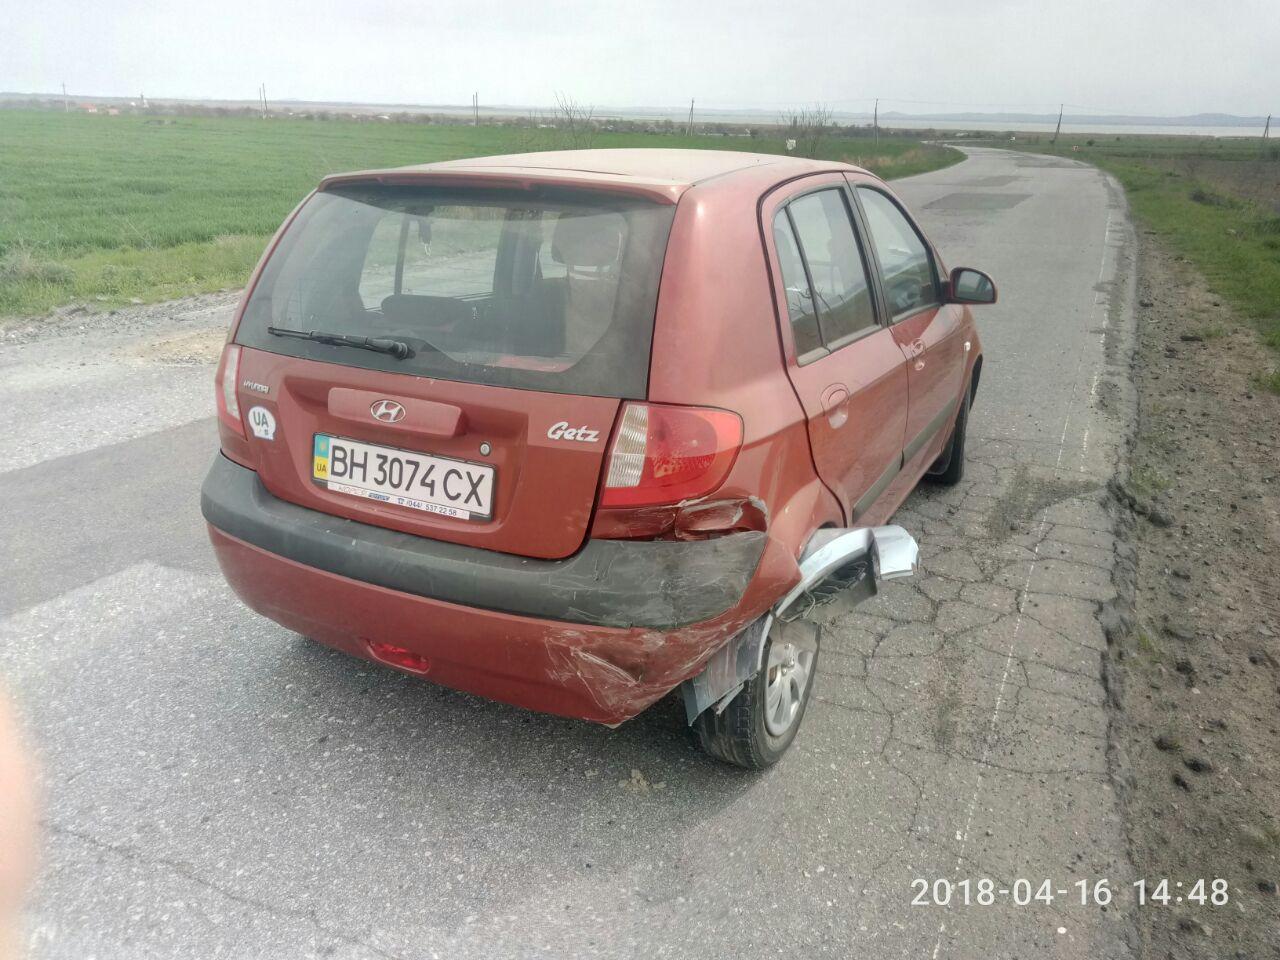 Ямы на дороге и отсутствие дистанции: на трассе Одесса-Рени столкнулись два автомобиля Hyundai